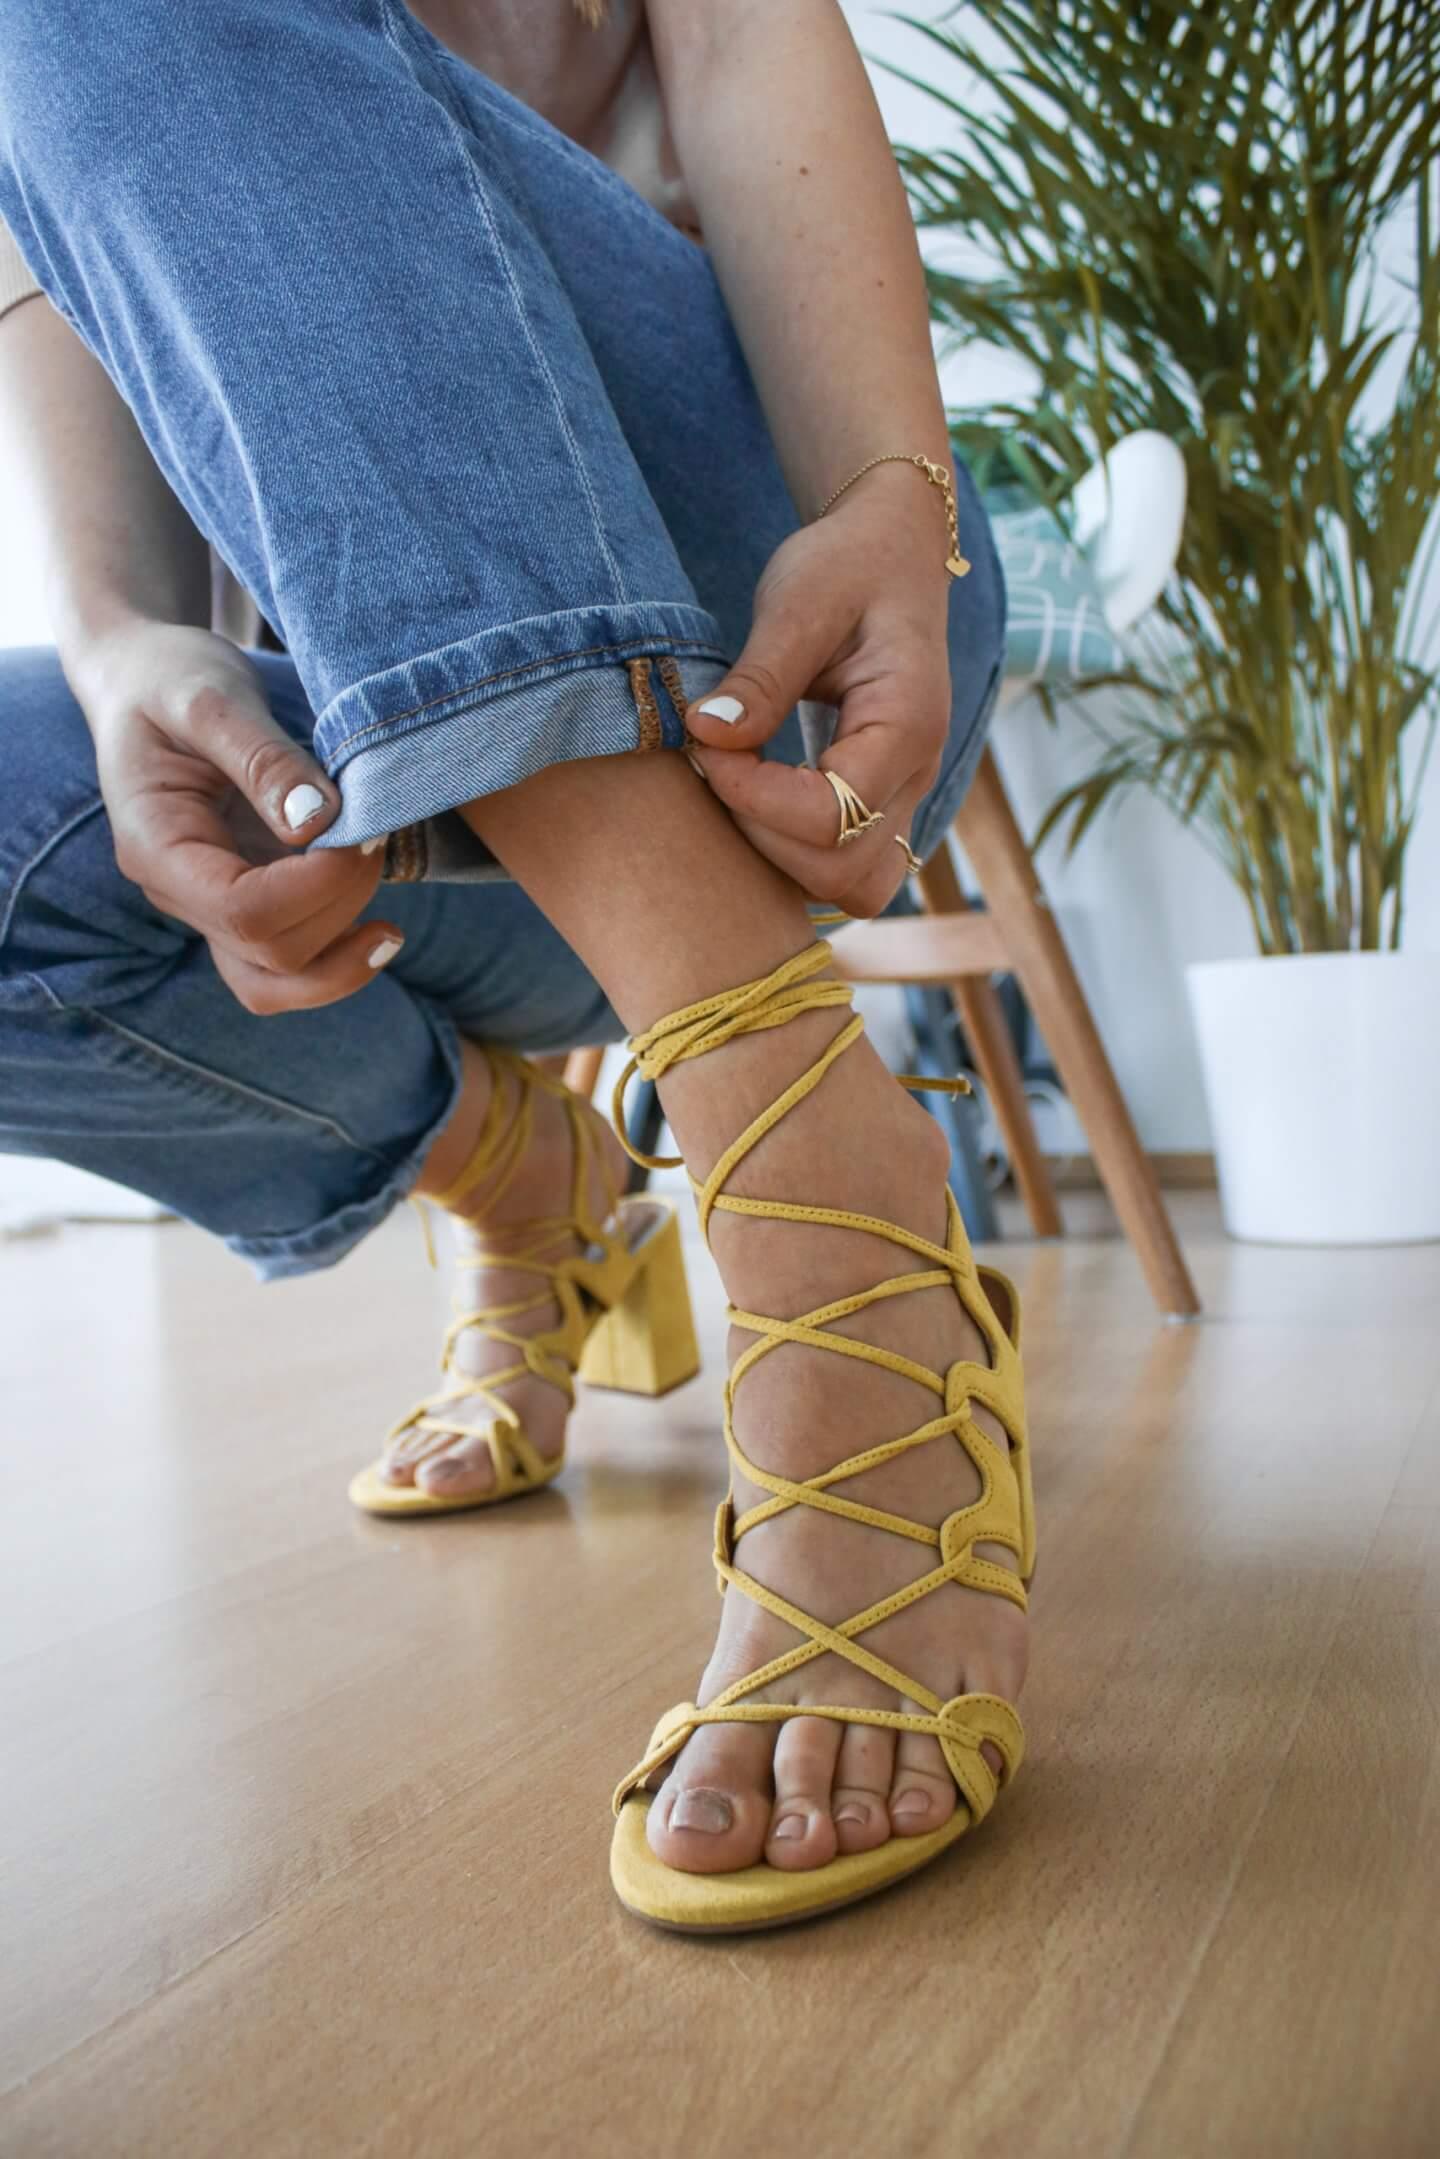 Schuhtrends 2020 - Diese Schuhe sind dieses Jahr IN!